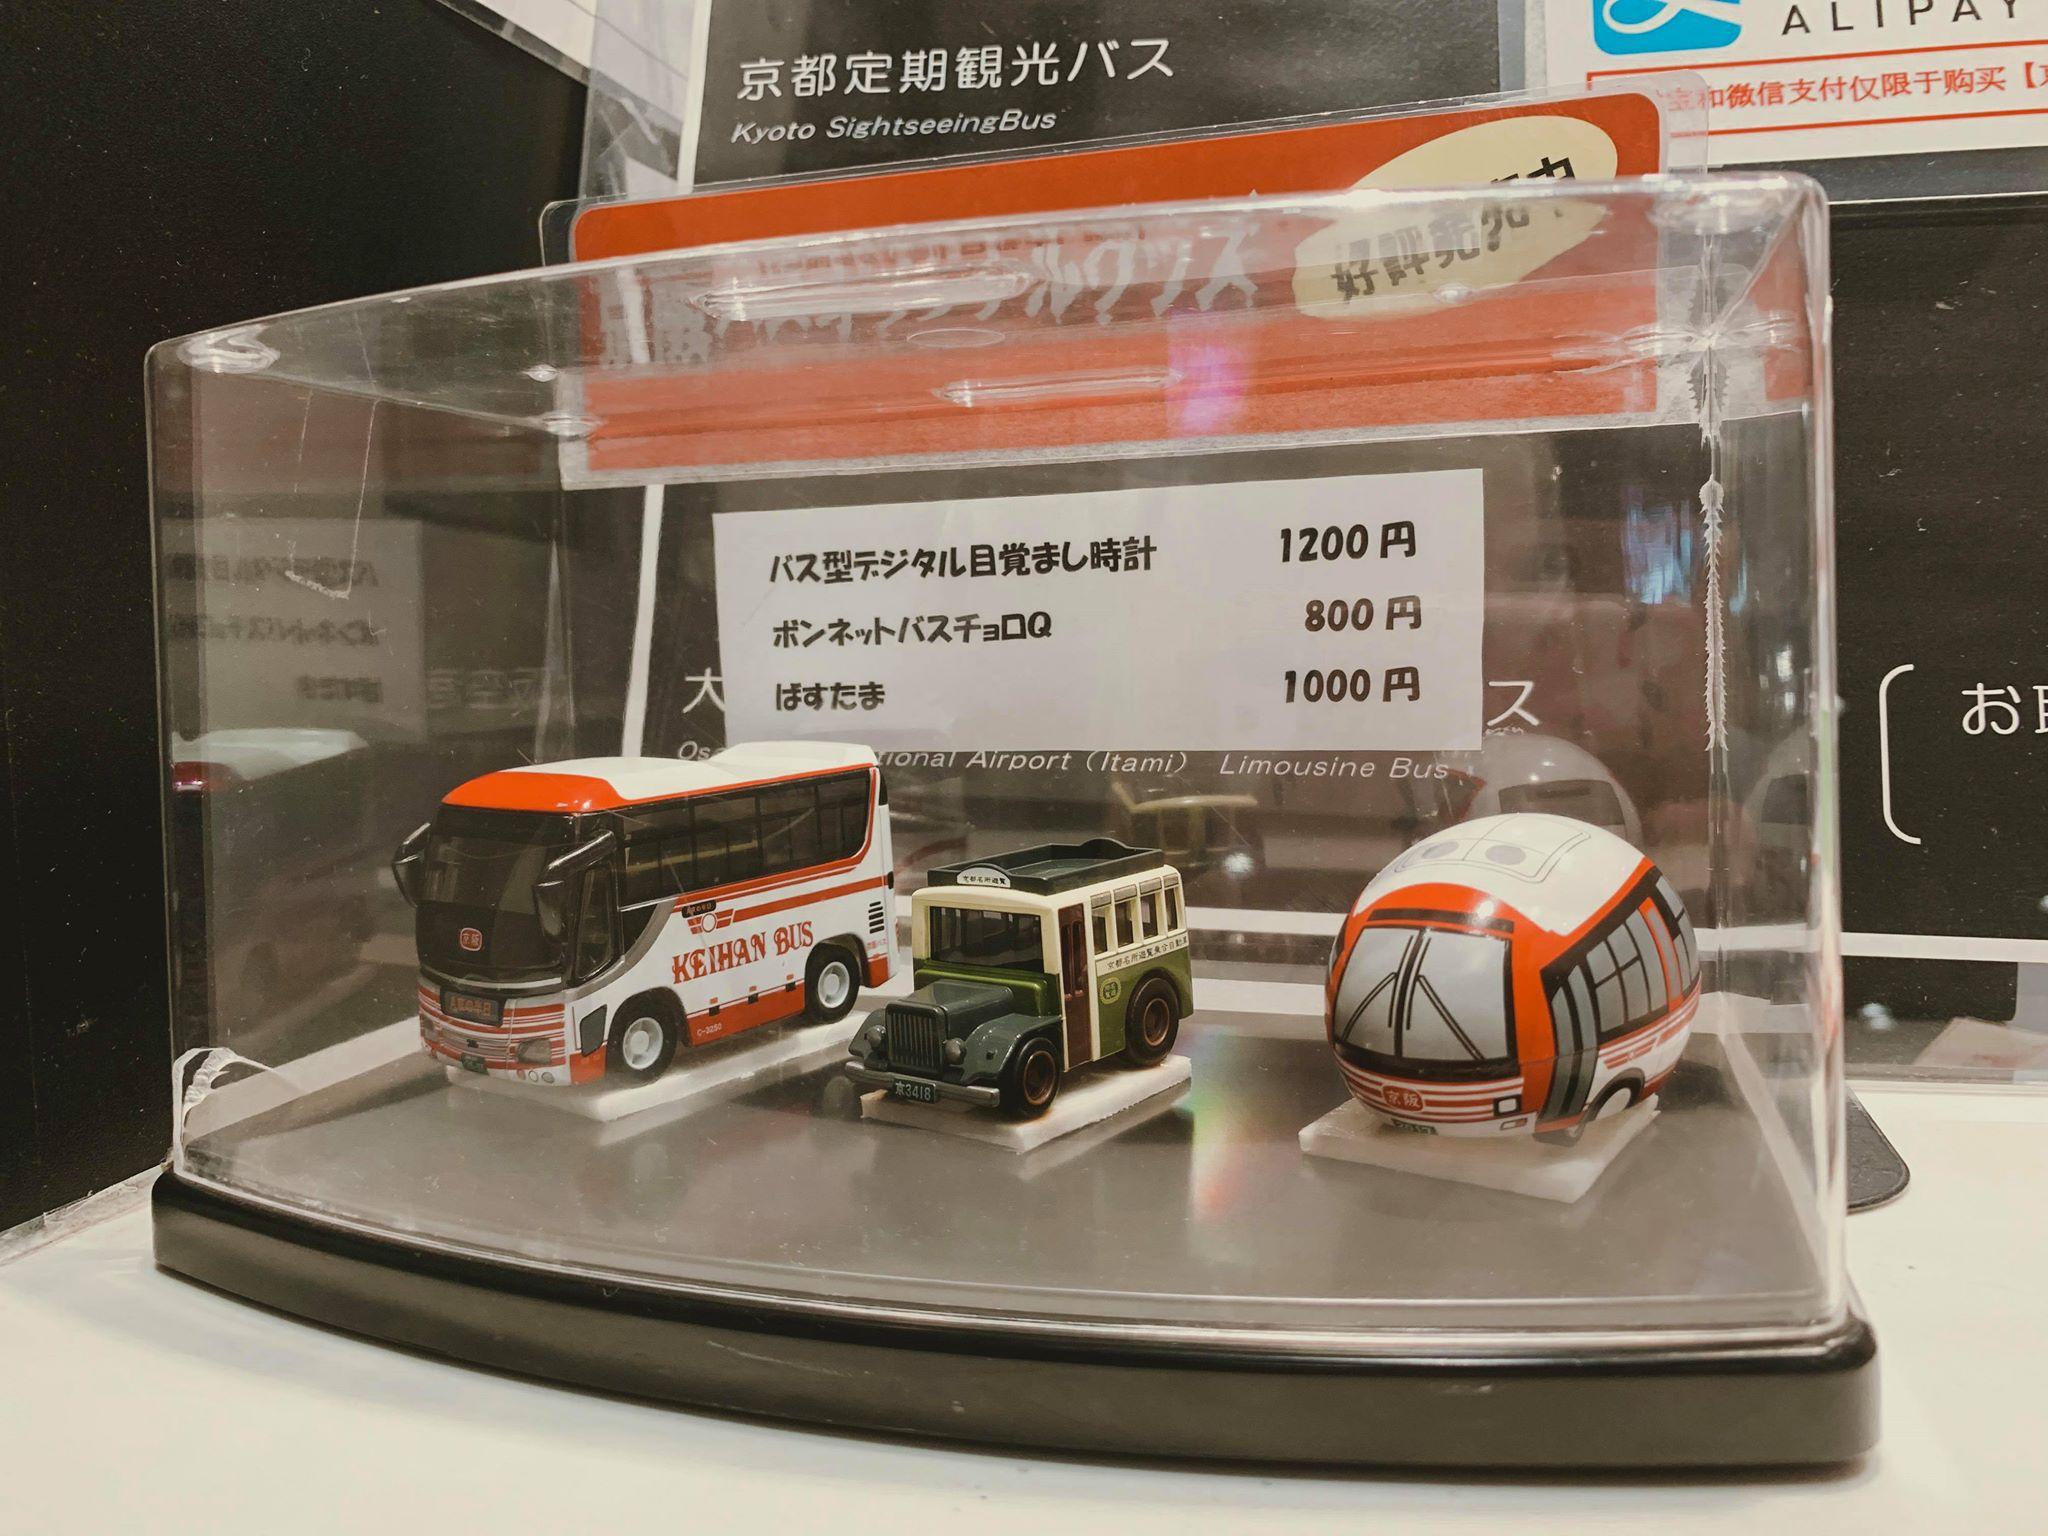 โมเดลรถ Kyoto Bus สำหรับนักสะสม